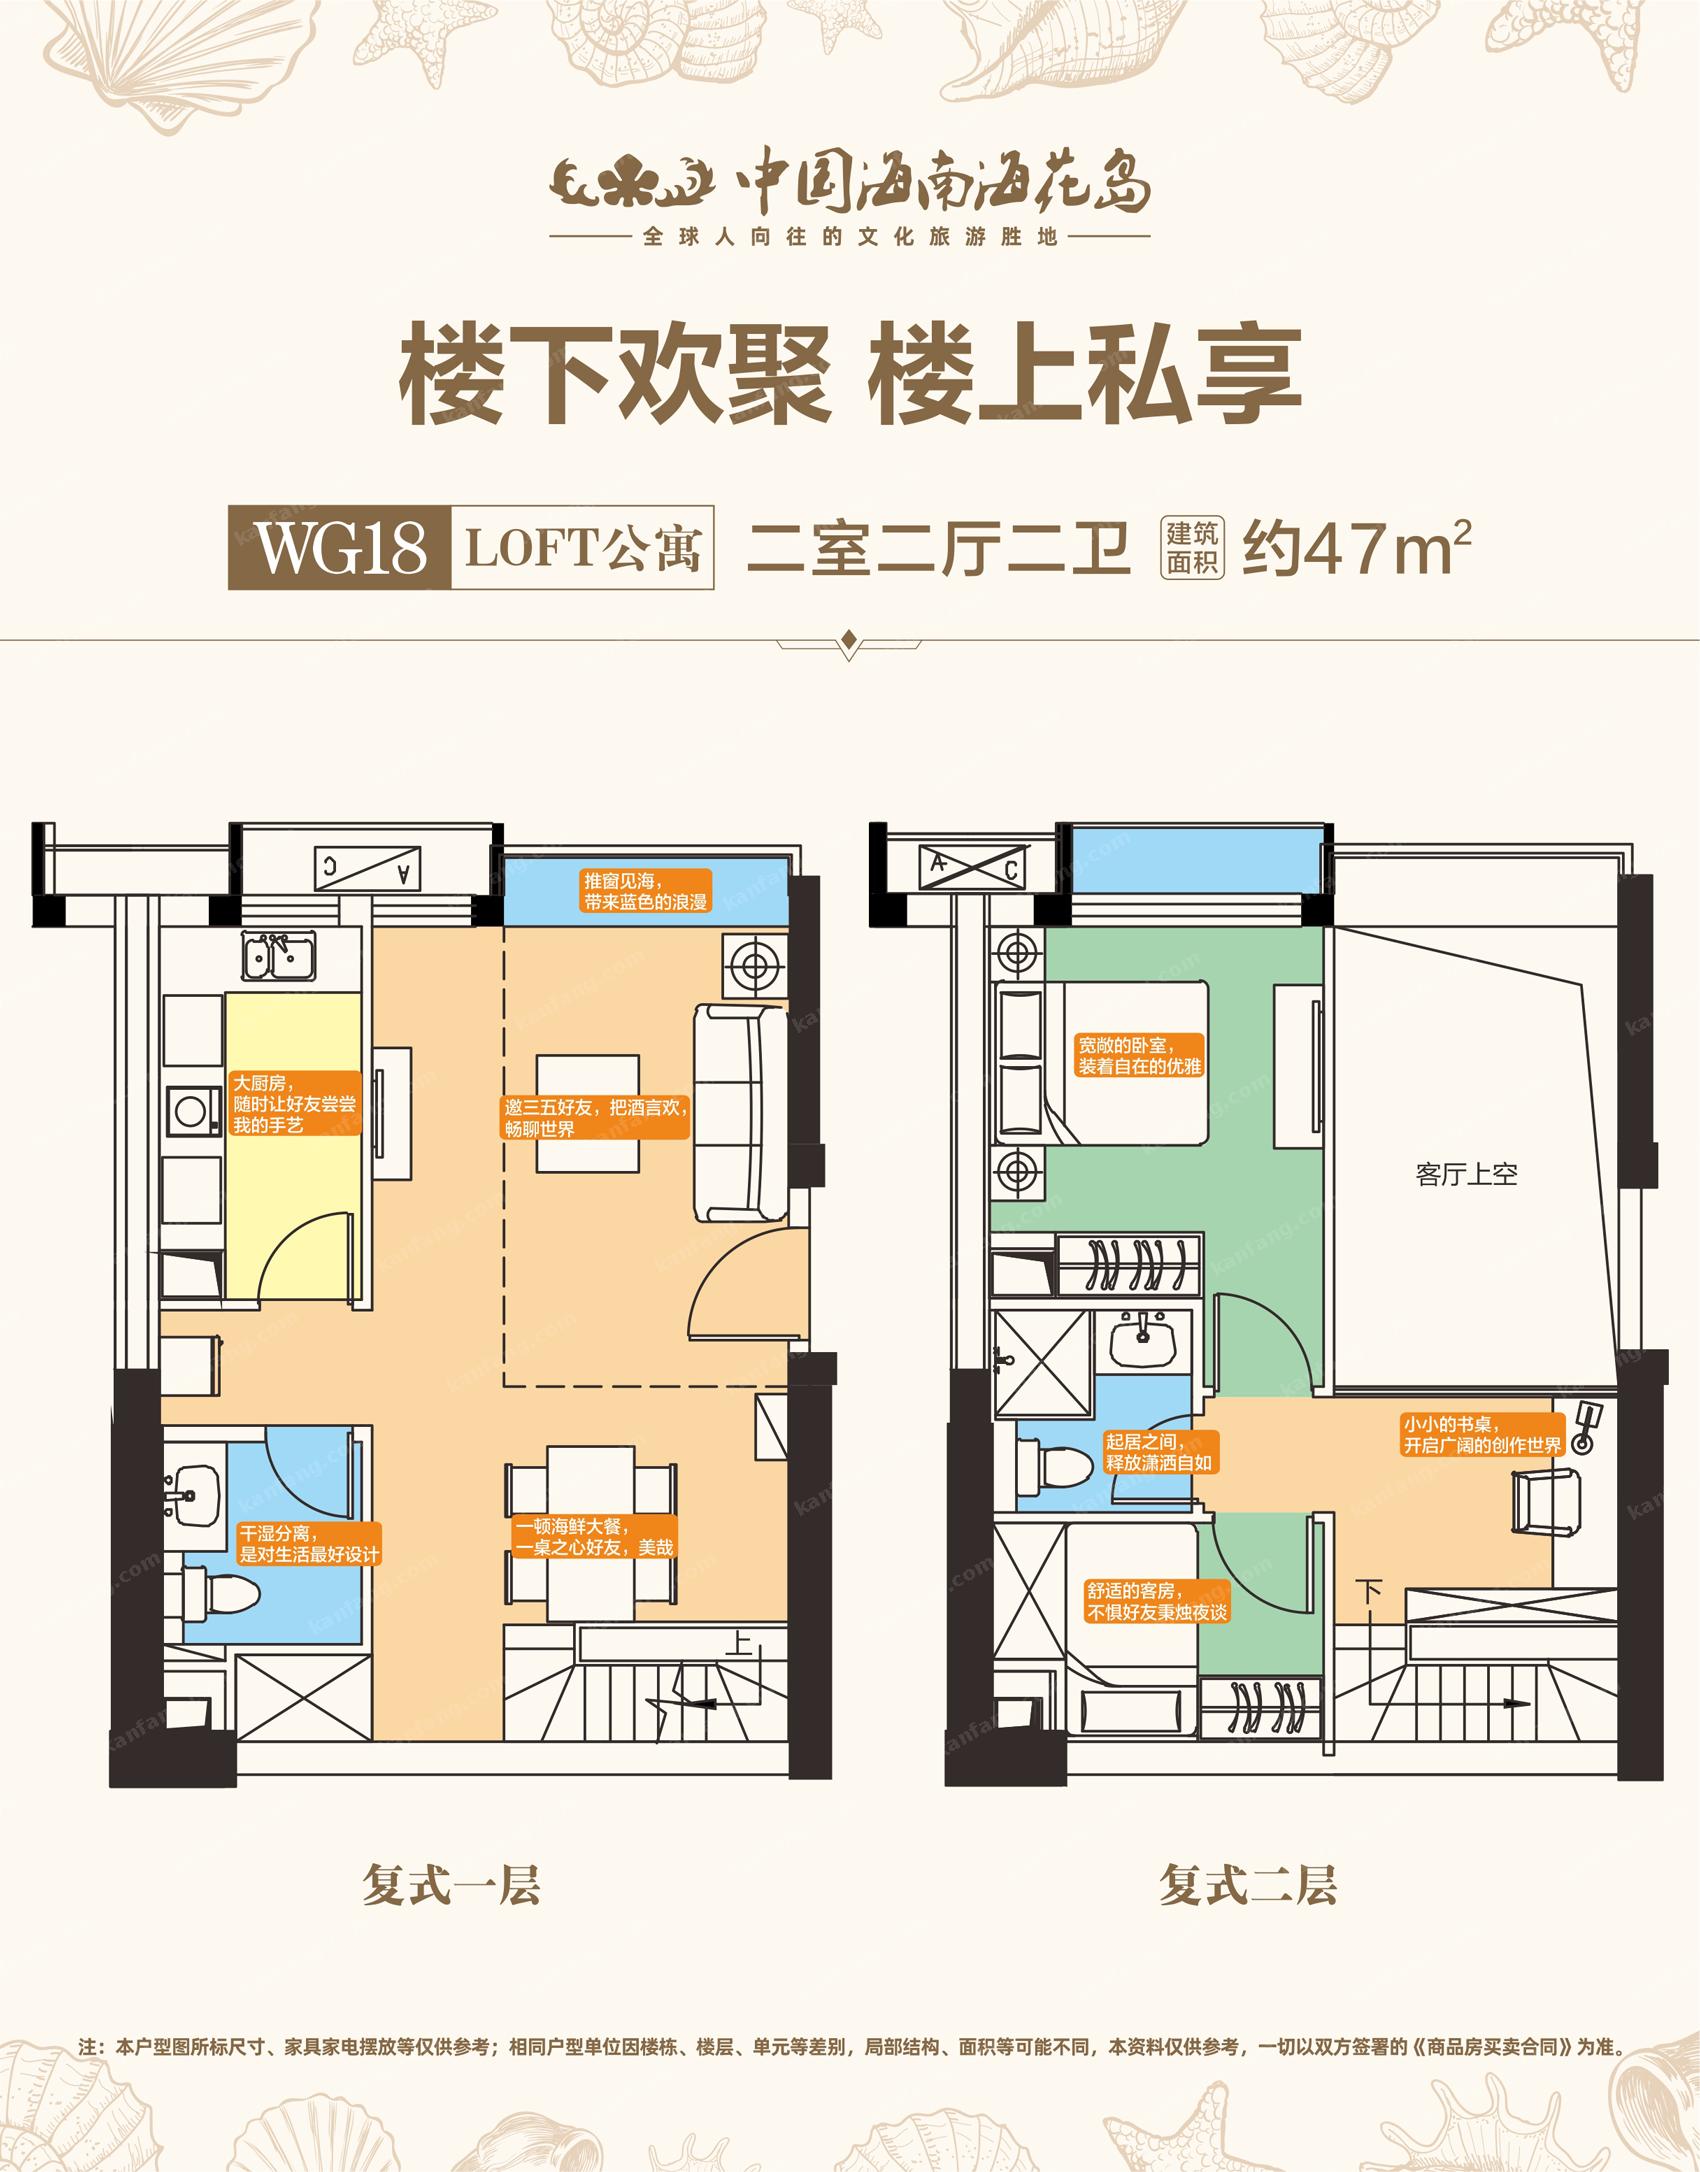 GW18loft公寓